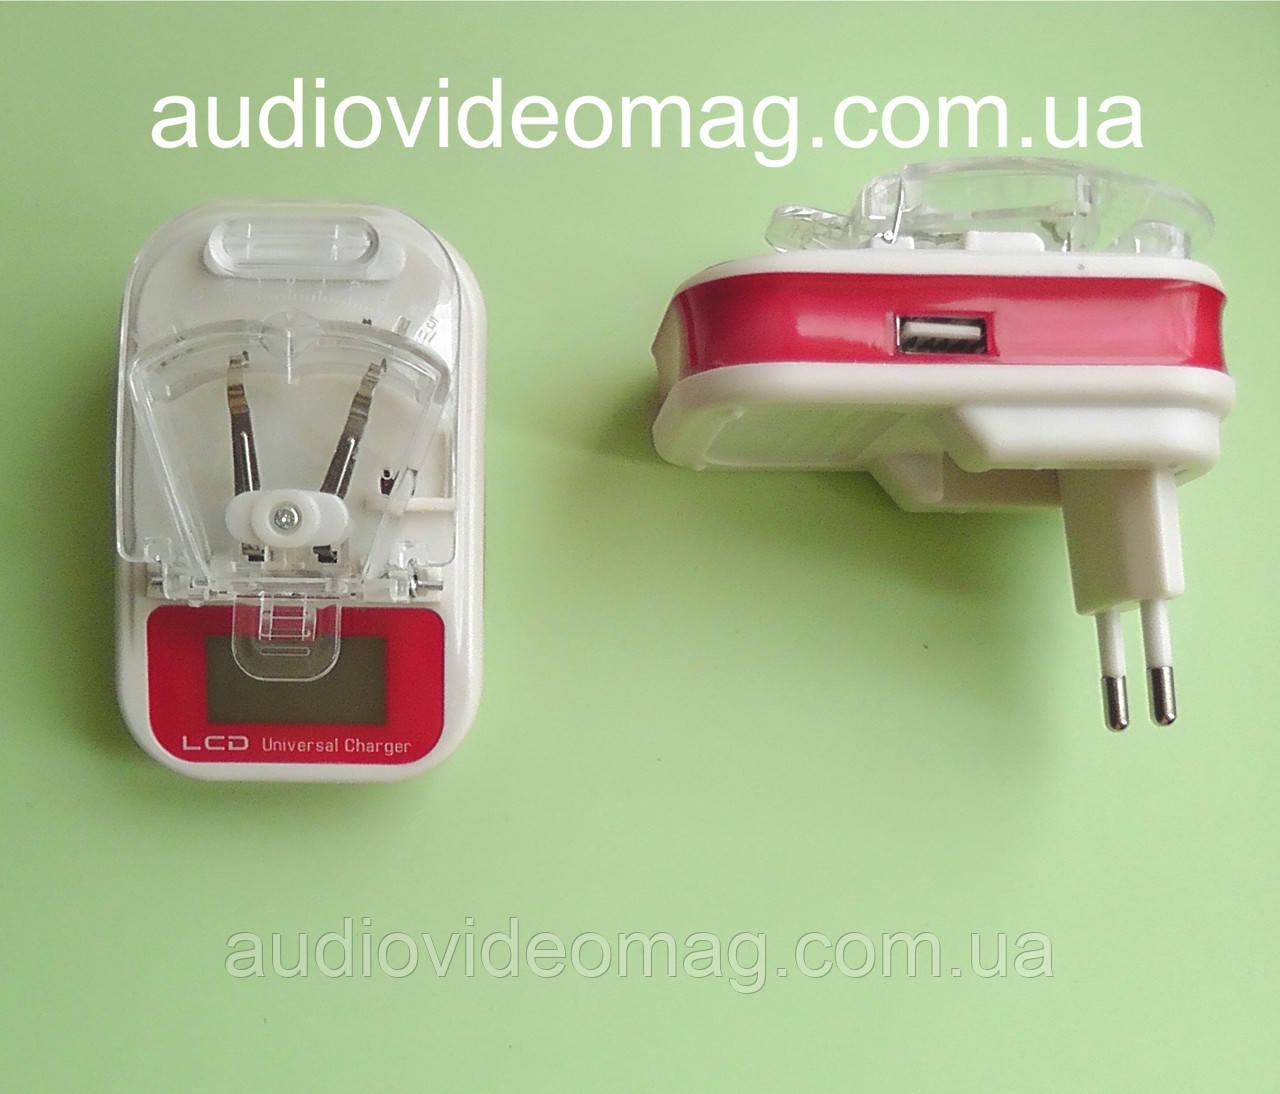 Універсальний зарядний пристрій (жабка) з індикатором заряду